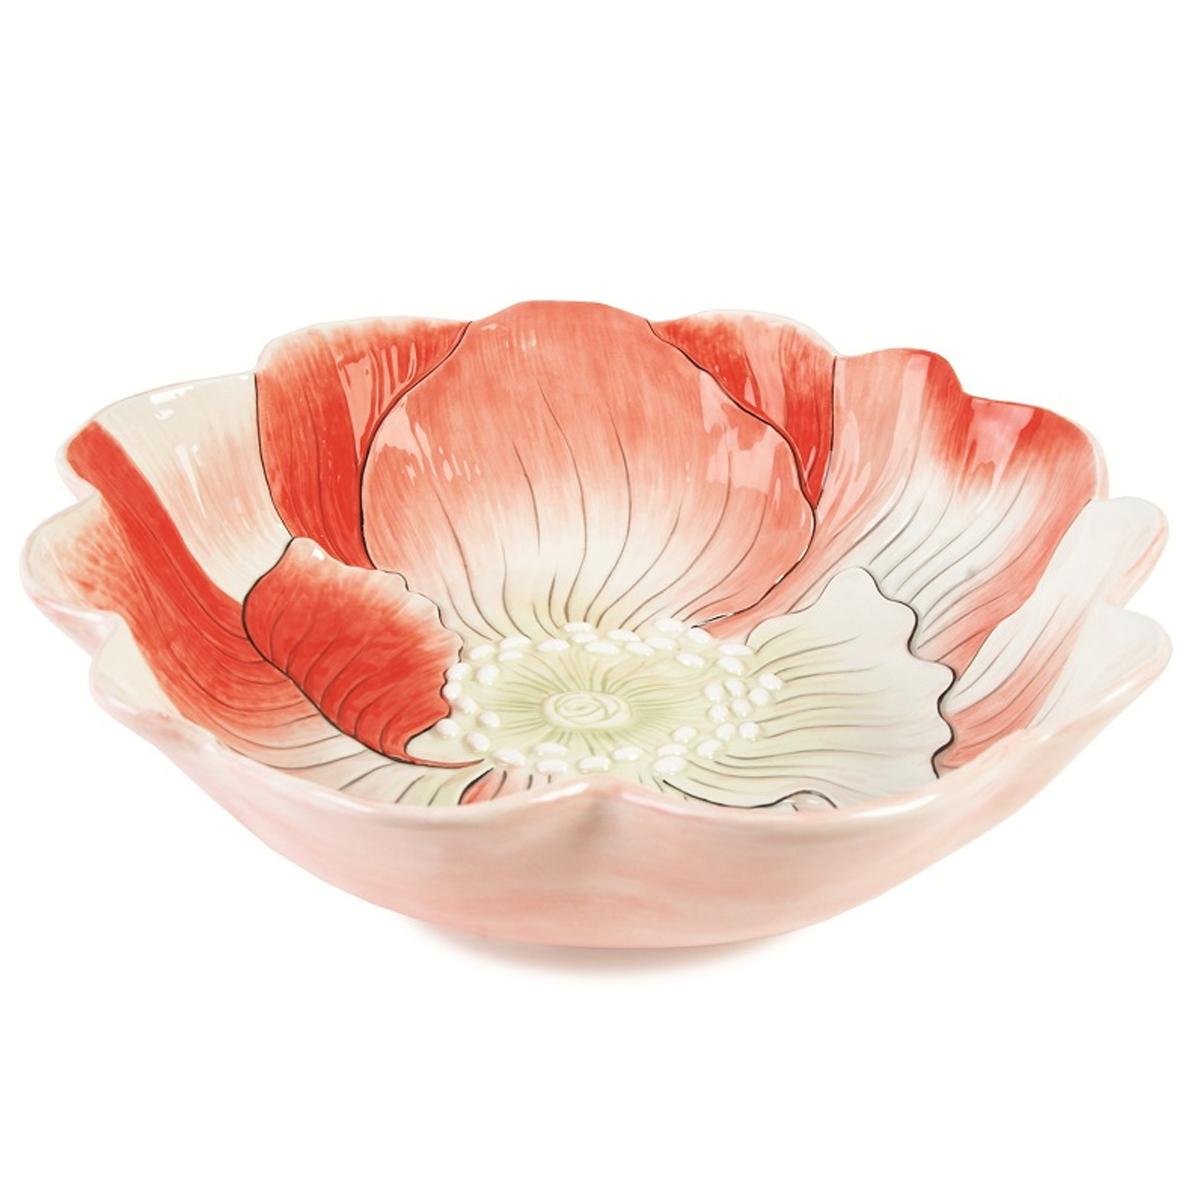 """Блюдо Fitz and Floyd """"Гортензия"""" изготовлено из высококачественной керамики и выполнено в виде цветка.  Такое оригинальное блюдо идеально подойдет для красивой сервировки стола. Рекомендуется мыть вручную с использованием неабразивных моющих средств.   Размер блюда: 39 см х 39 см х 10,5 см."""